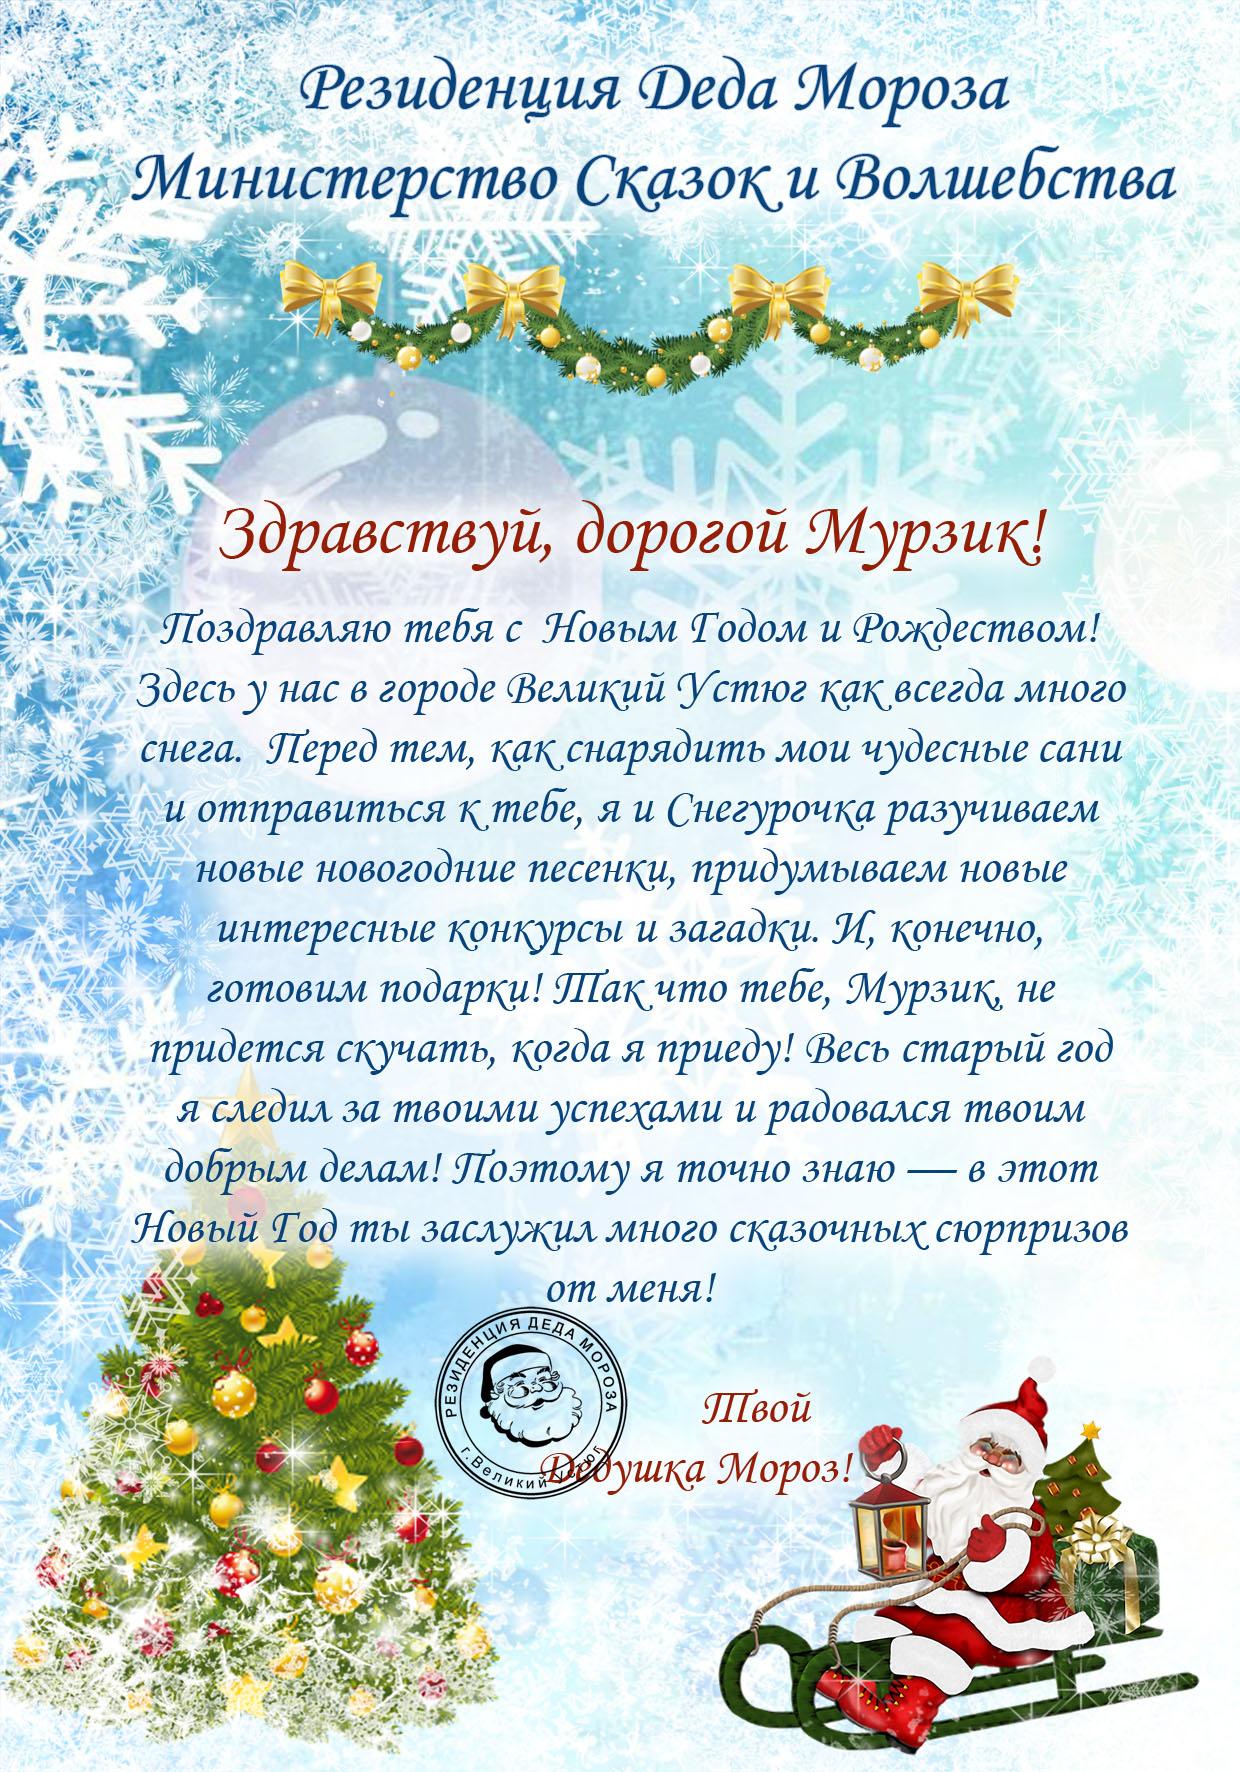 Новогодние подарки из интернет-магазина dmoroz 95